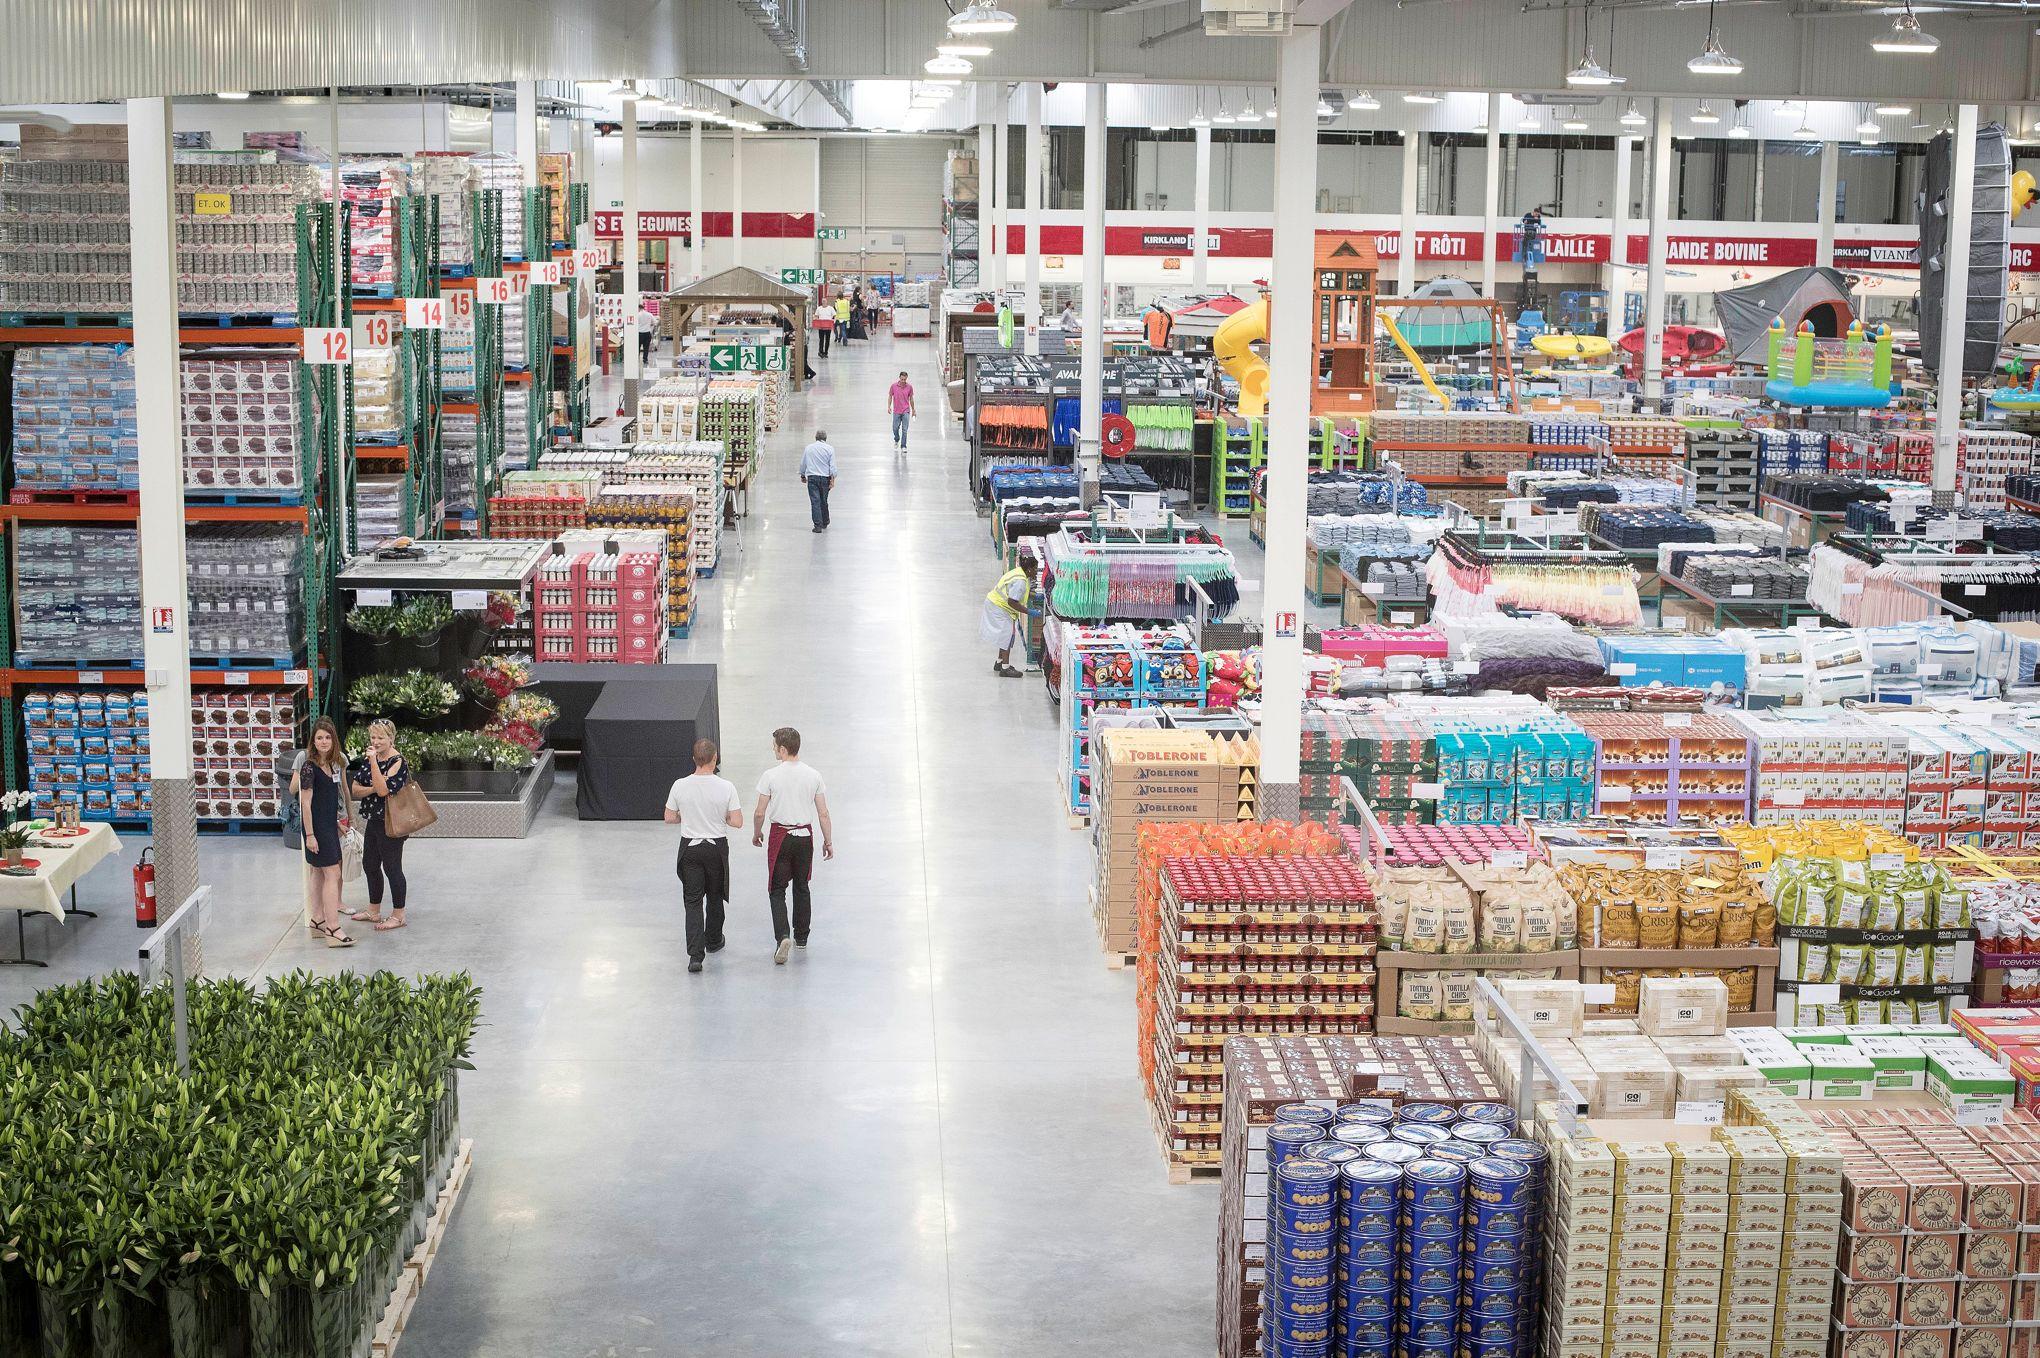 Le magasin géant Costco attire déjà les foules pour son inauguration